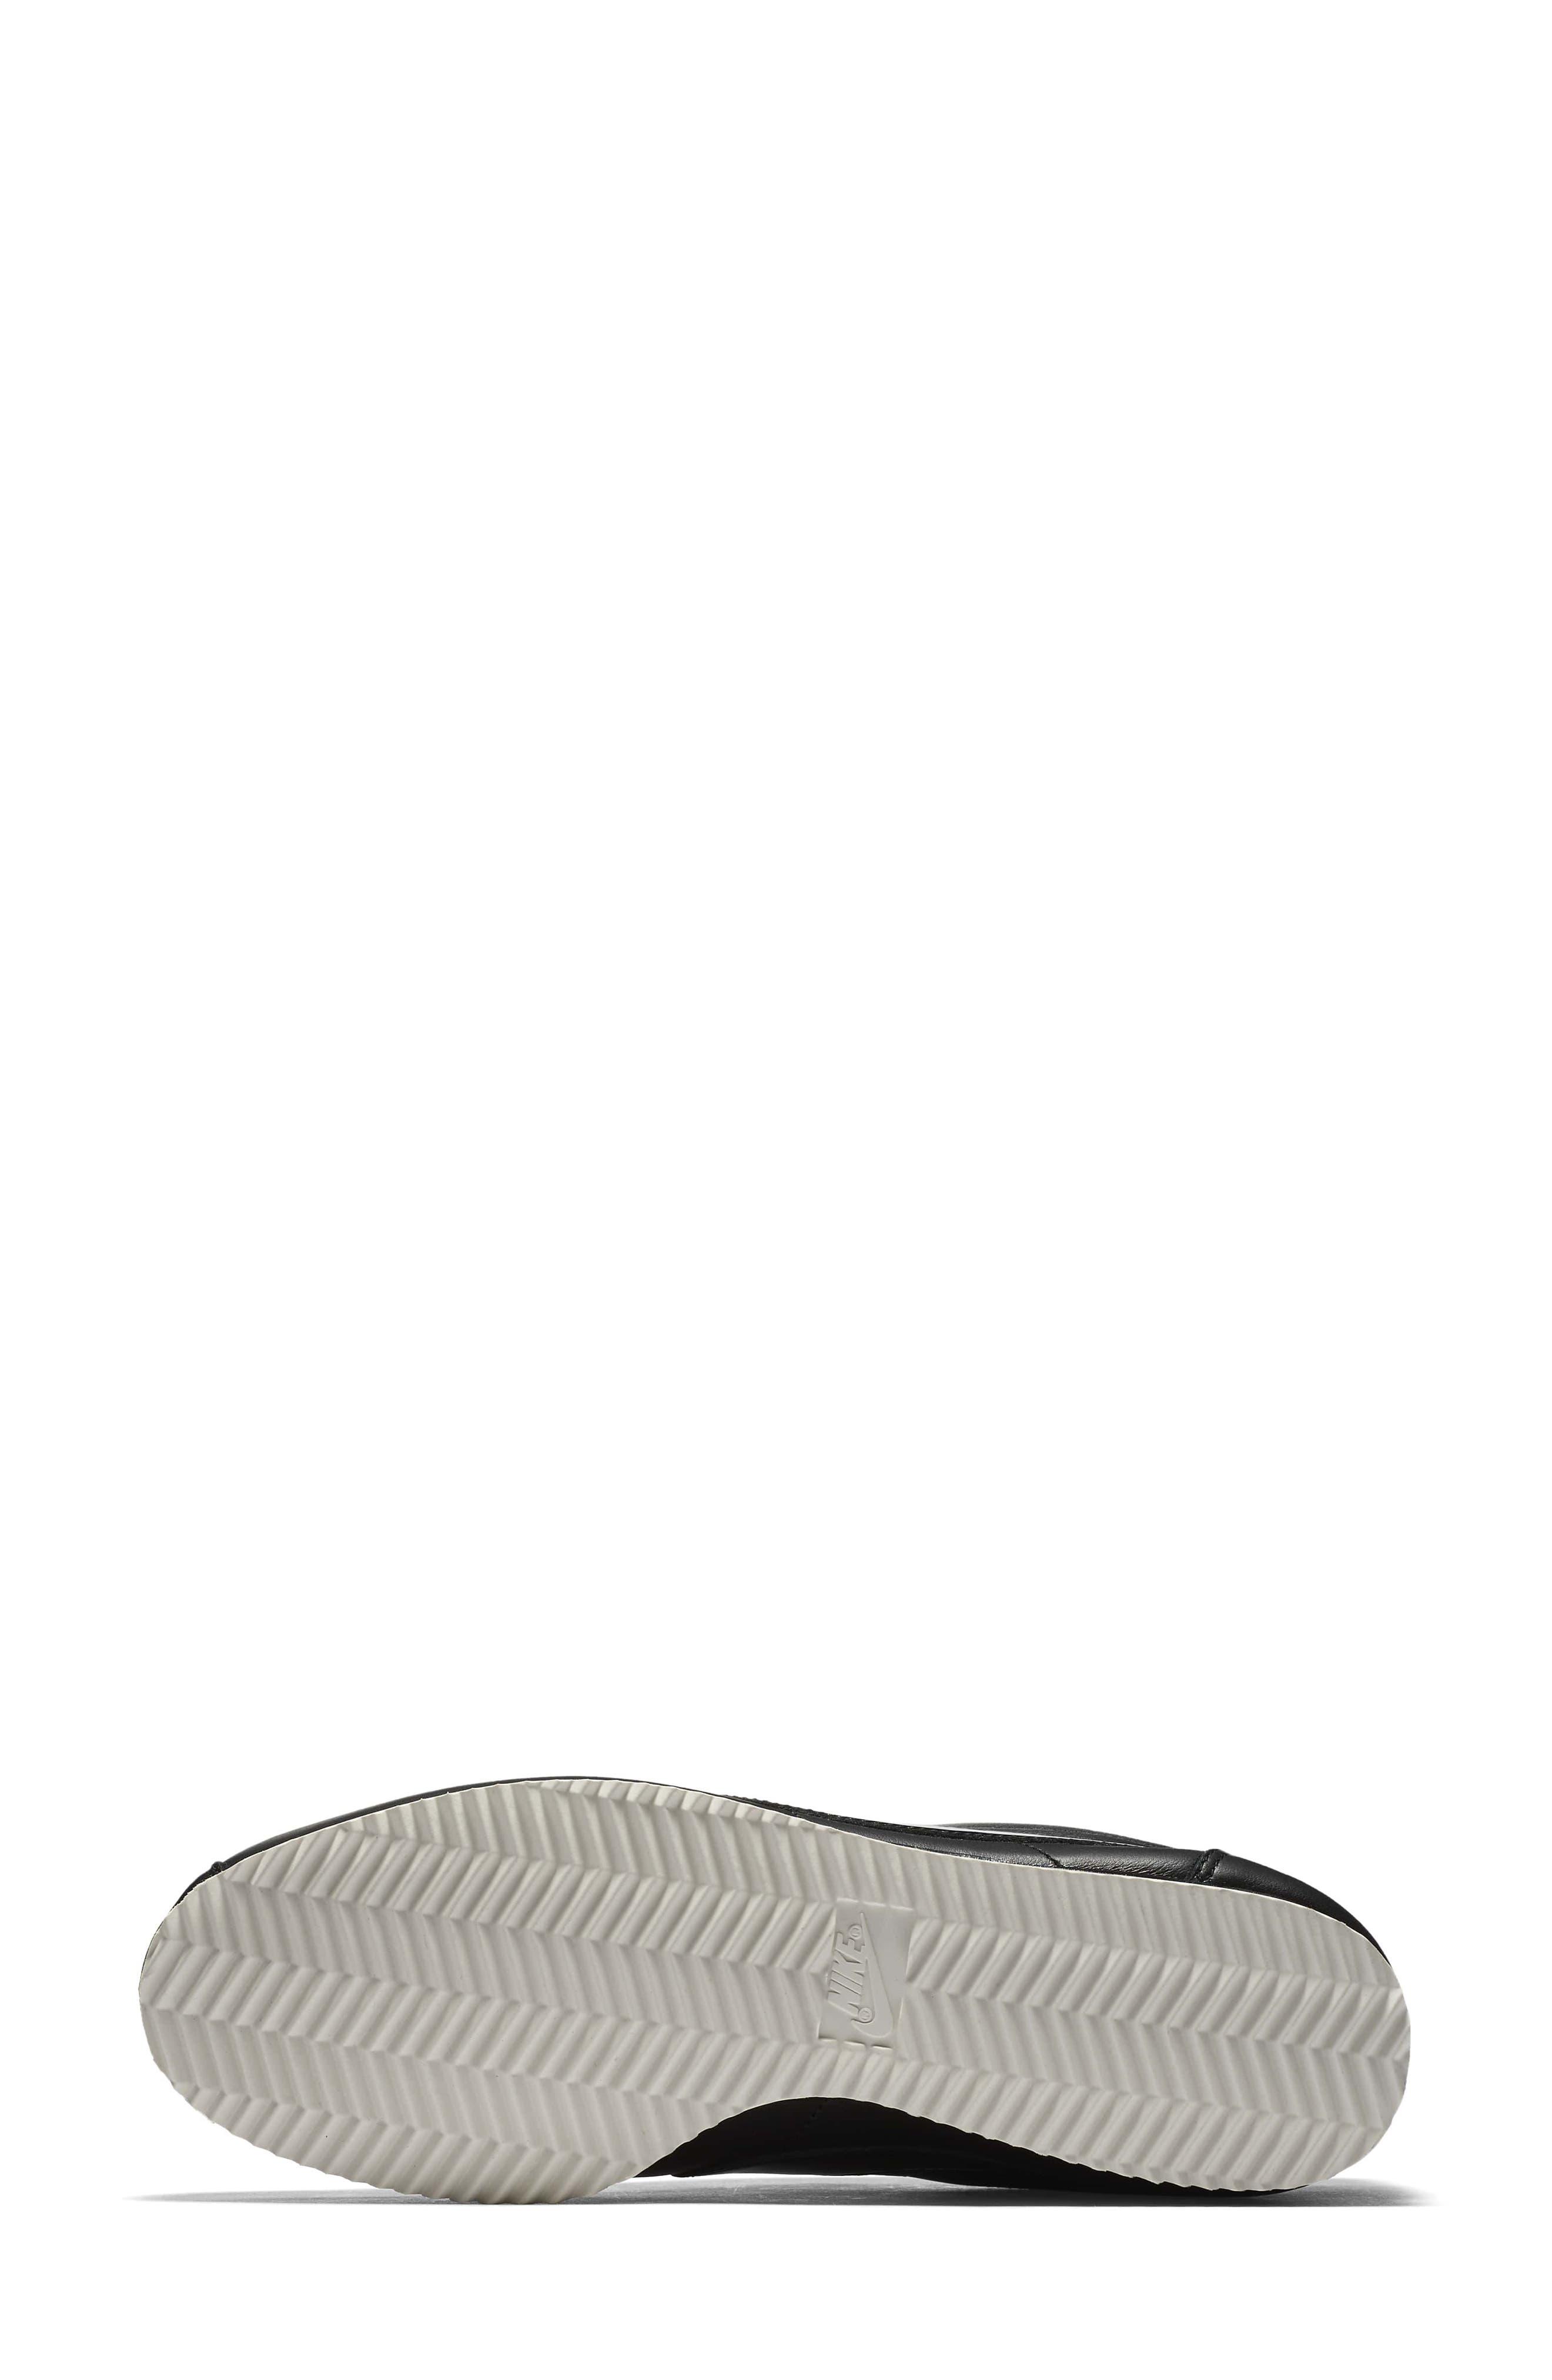 Classic Cortez SE Premium Sneaker,                             Alternate thumbnail 5, color,                             001